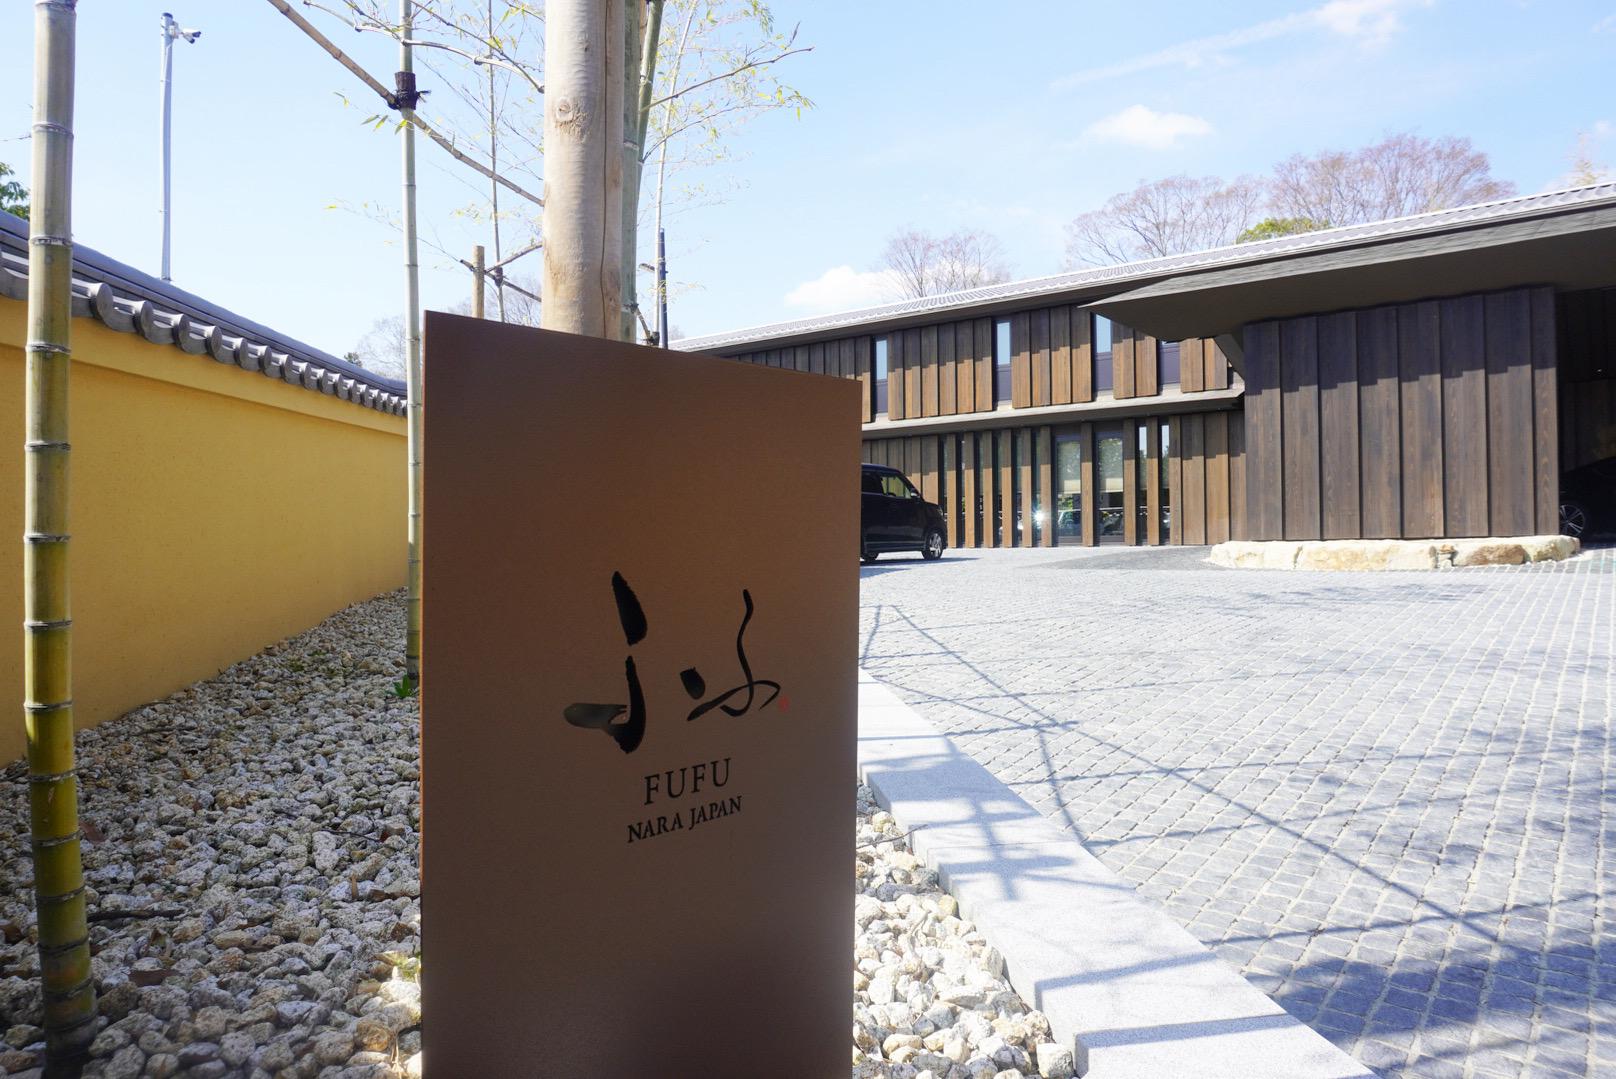 【ふふ奈良】関西での宿泊にとってもおすすめ❤︎_1